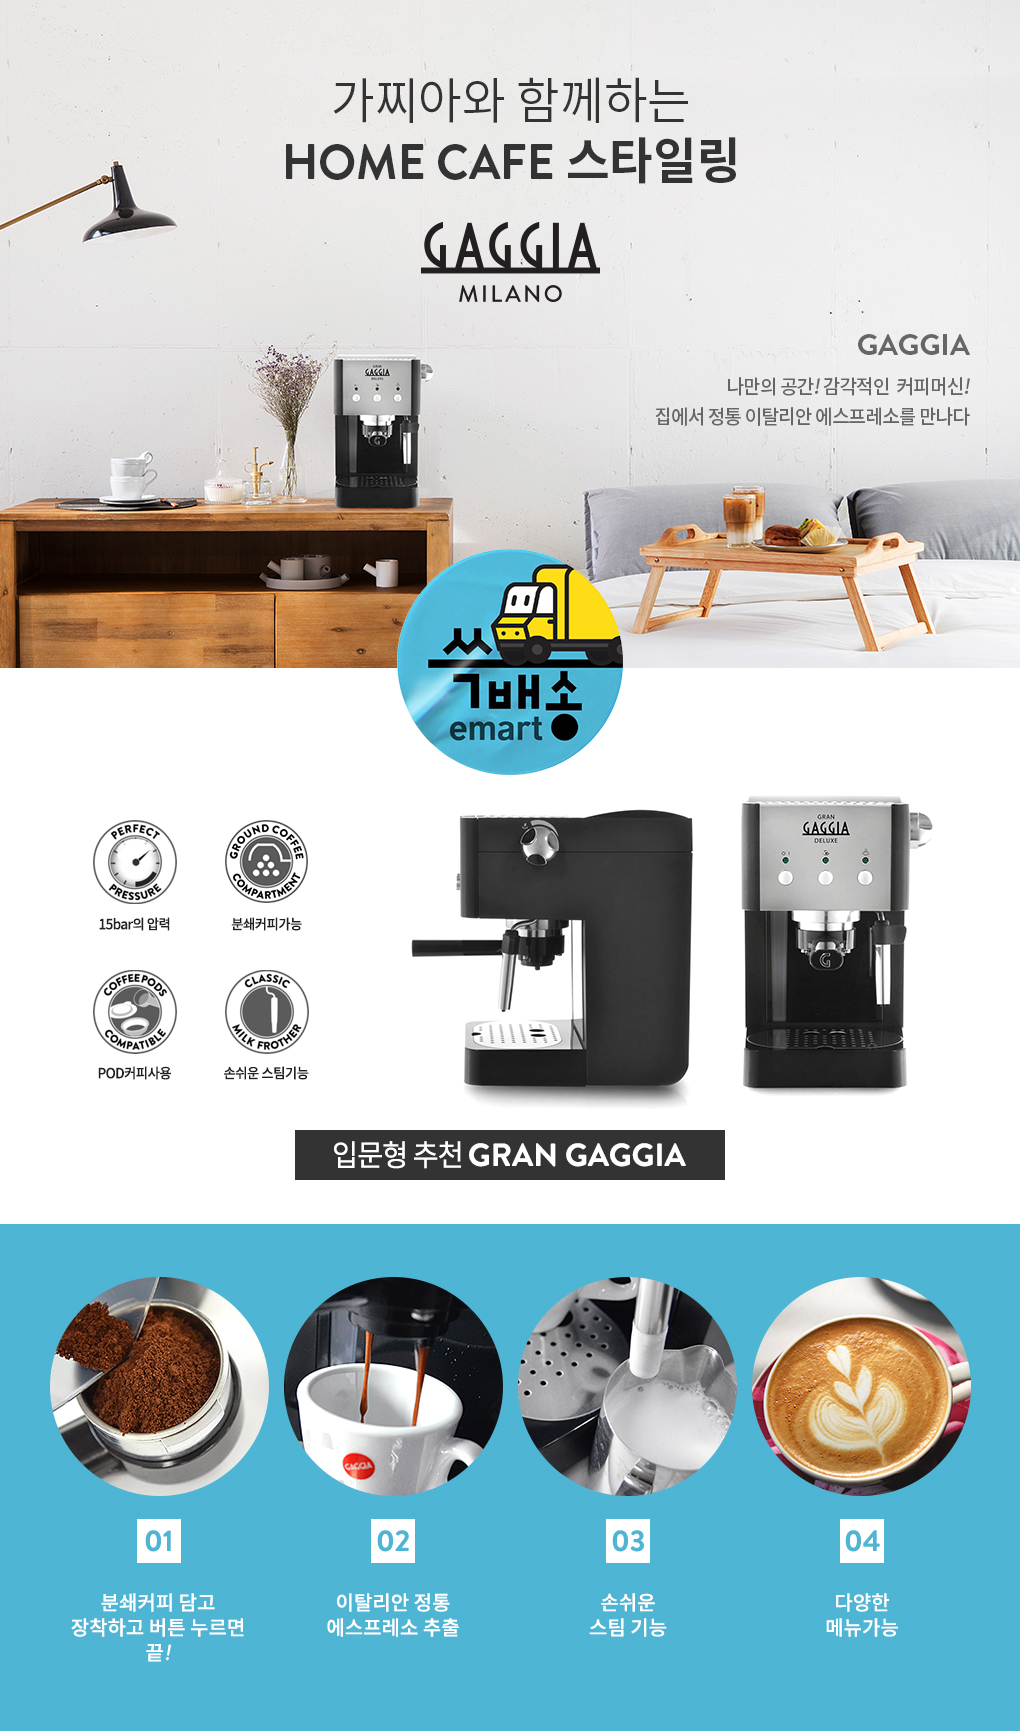 가찌아와 함께하는 HOME CAFE 스타일링!